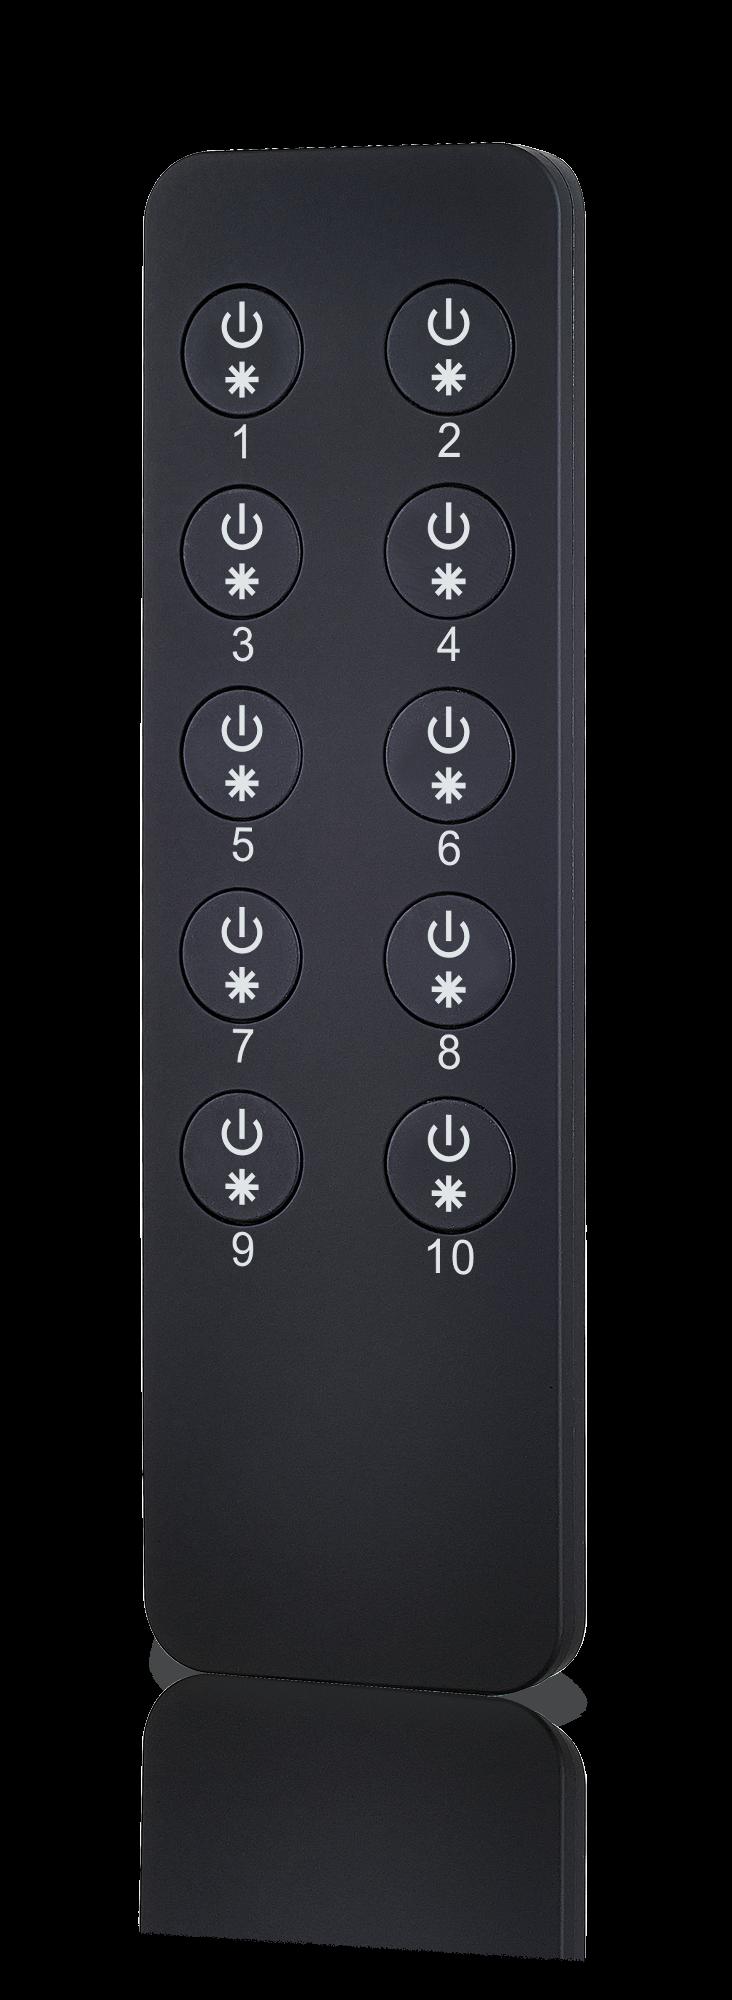 LED Dimmer afstandsbeding 12v - 24volt